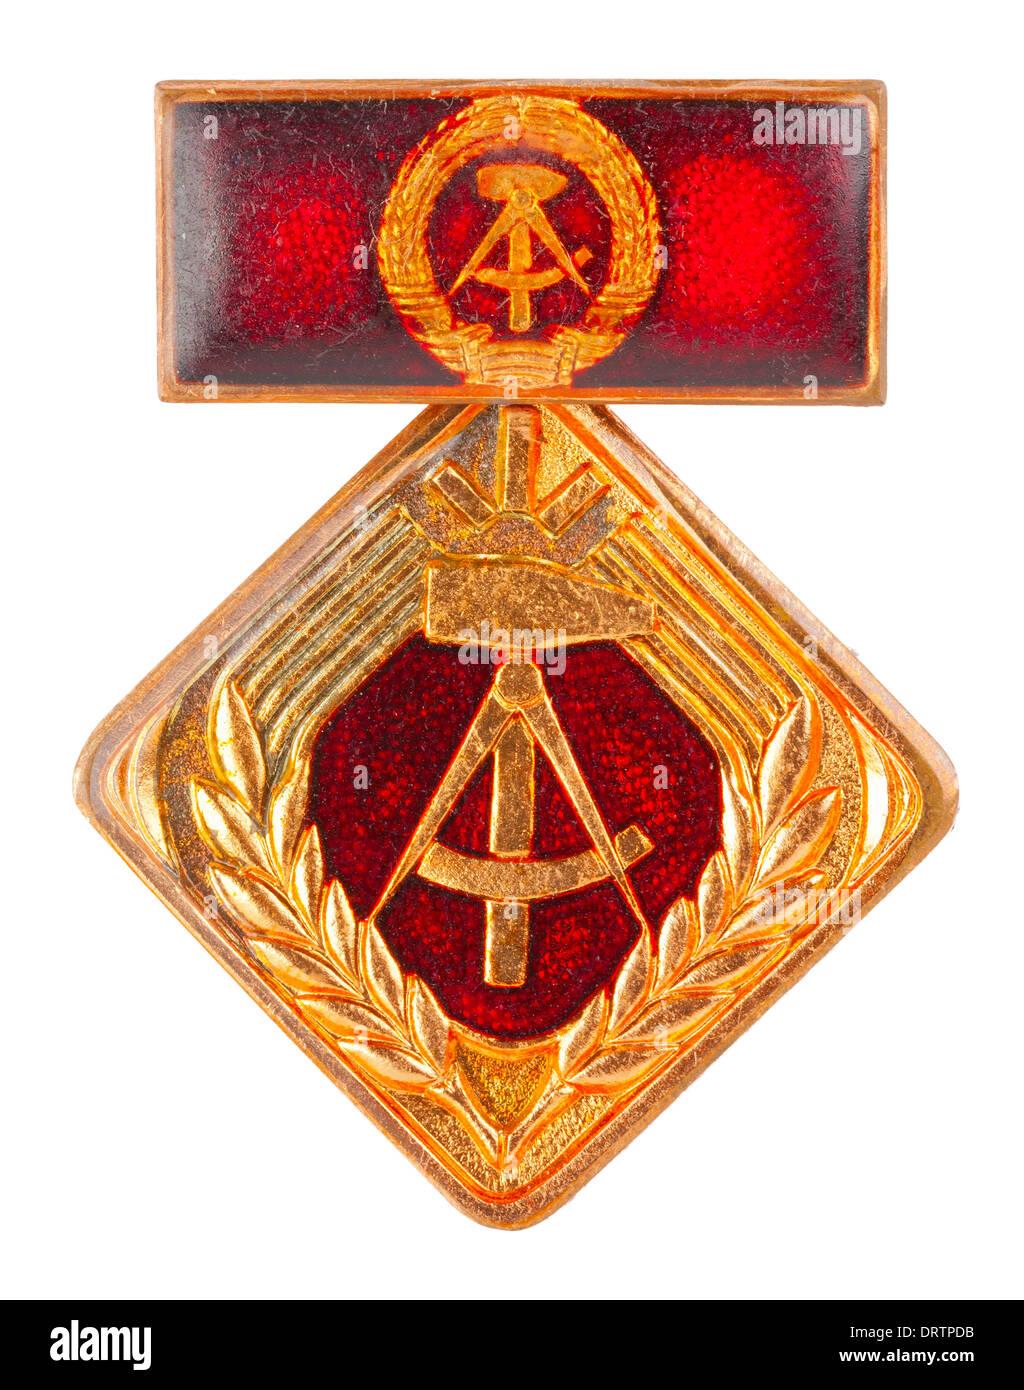 GDR (DDR) medal 'Activist of the socialist work' ('Aktivist der sozialistischen Arbeit'), 1969 - Stock Image